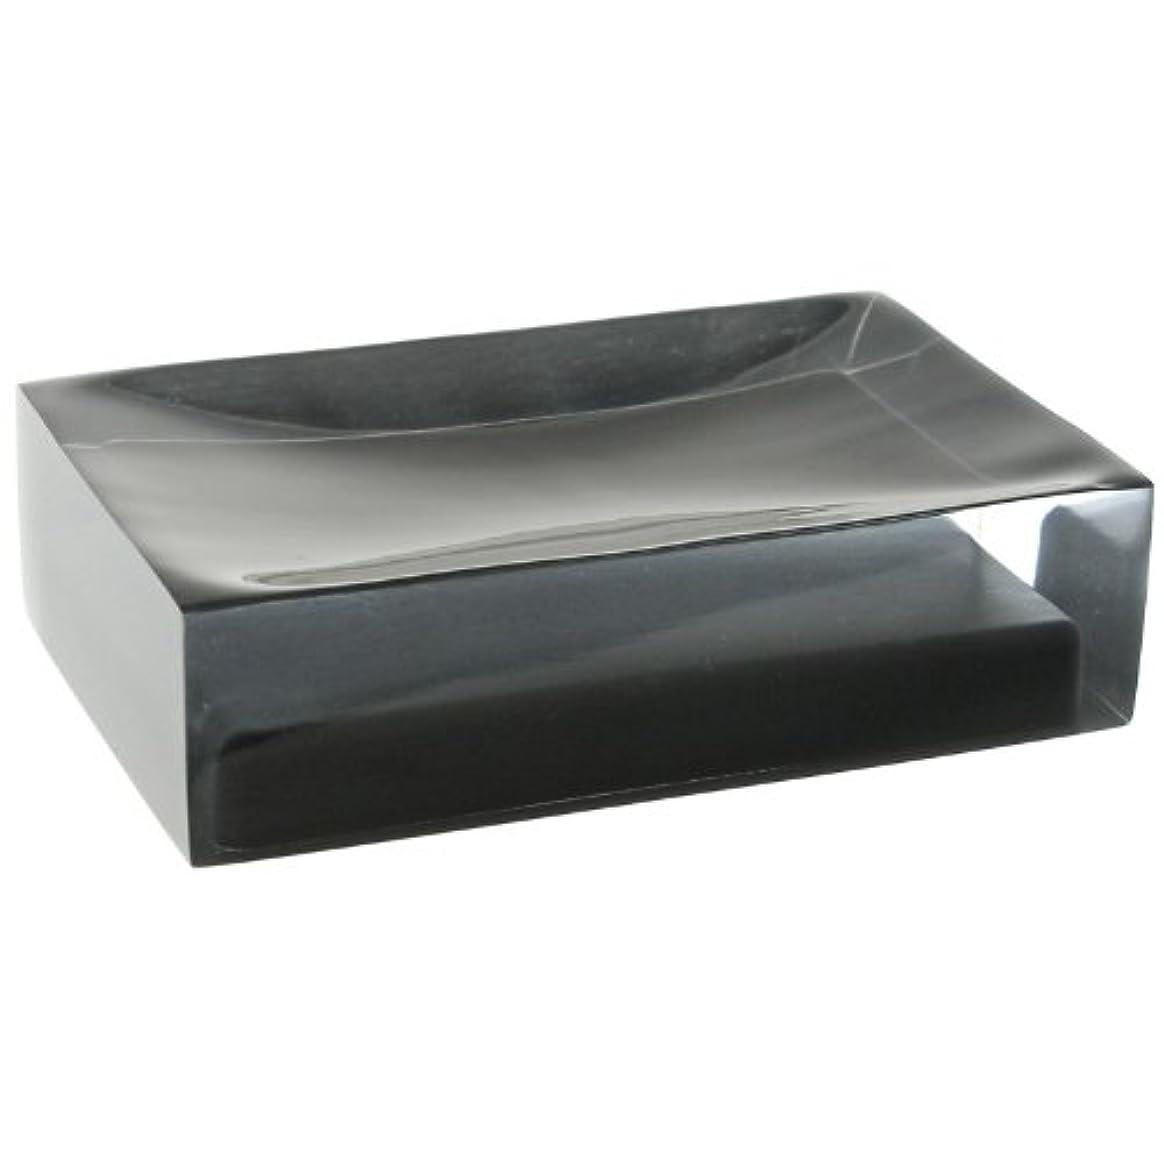 霜人種すき(Black) - Gedy Gedy RA11-14 Rainbow Soap Holder, 0.8cm L x 11cm W, Black